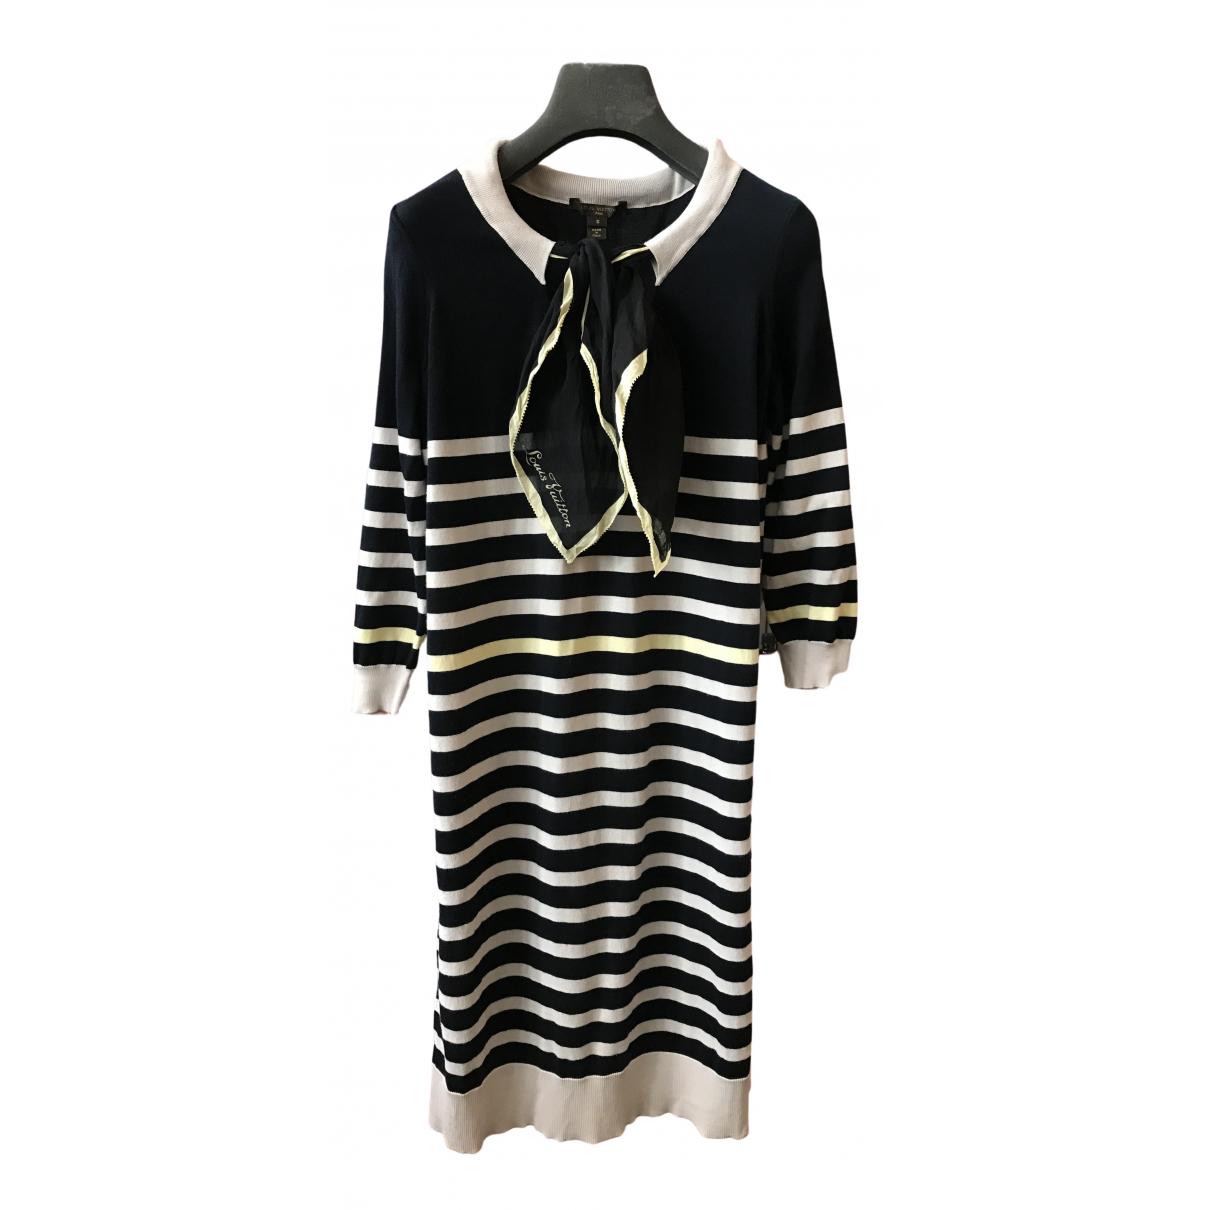 Louis Vuitton \N Multicolour Cotton dress for Women S International